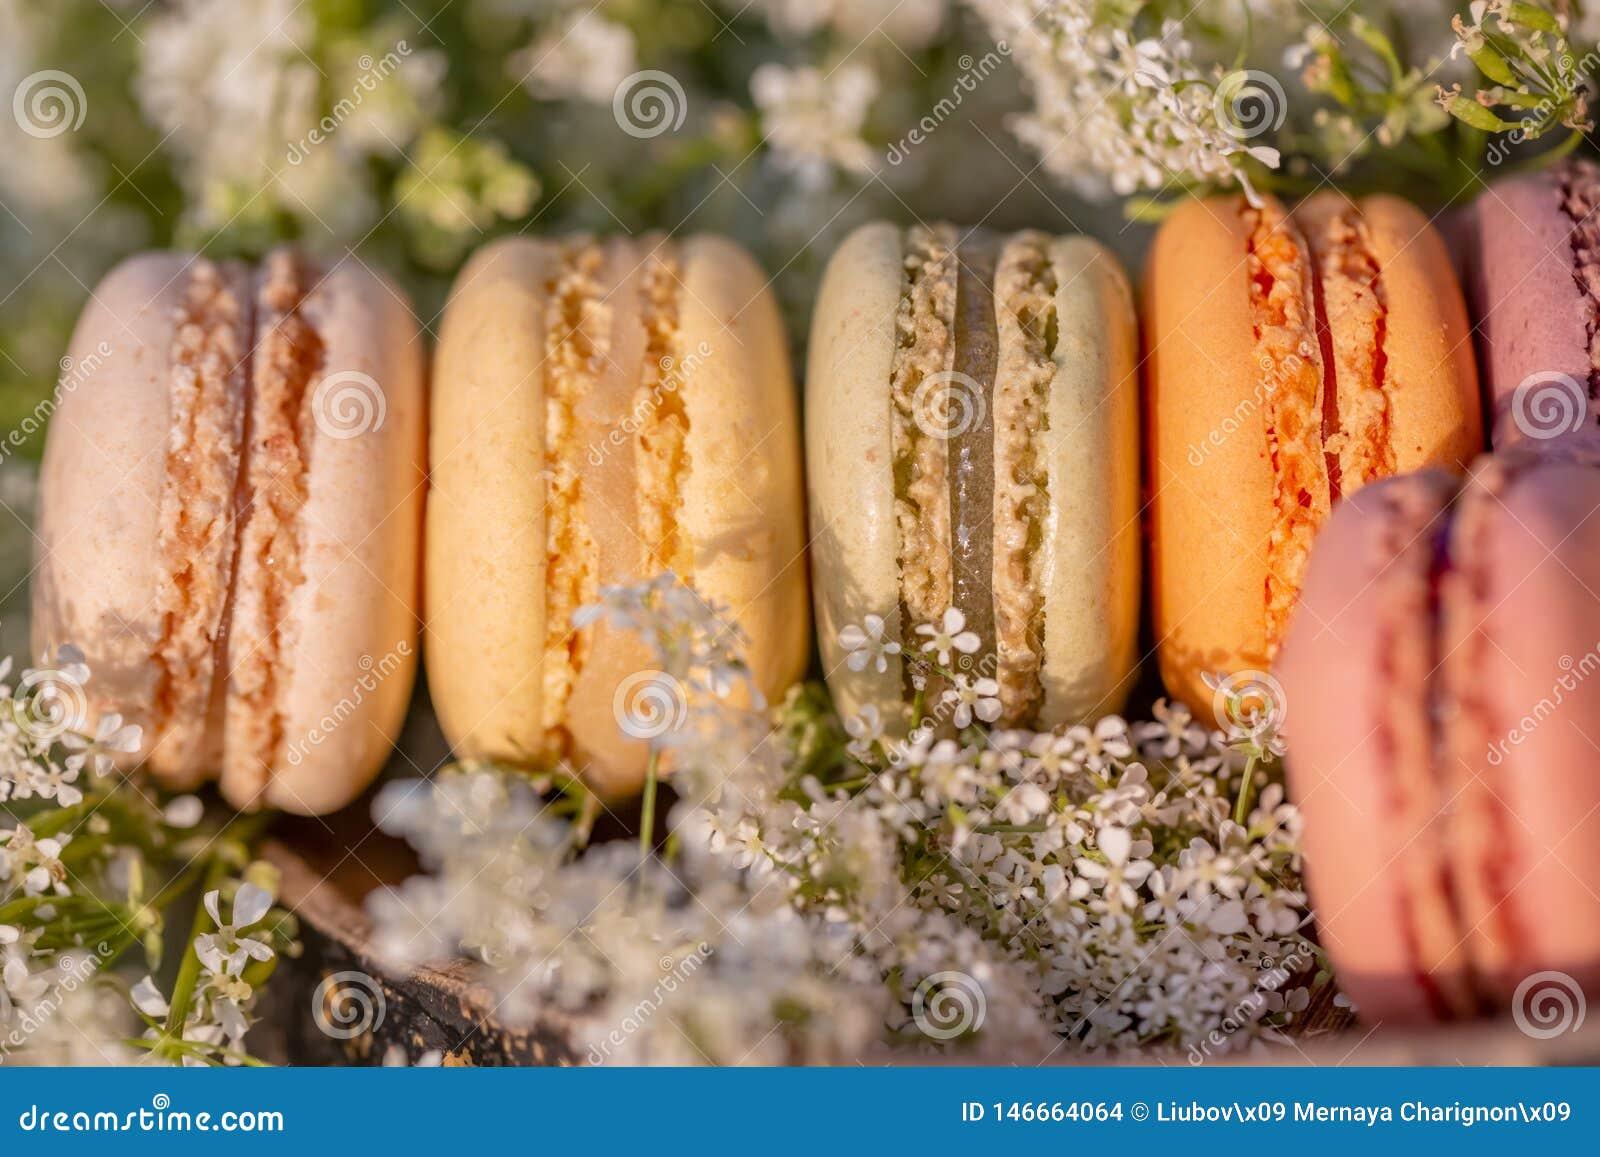 Γαλλικές ζύμες Γλυκά επιδορπίων macarons και άσπρα λουλούδια λιβαδιών το θερινό βράδυ στον οπωρώνα